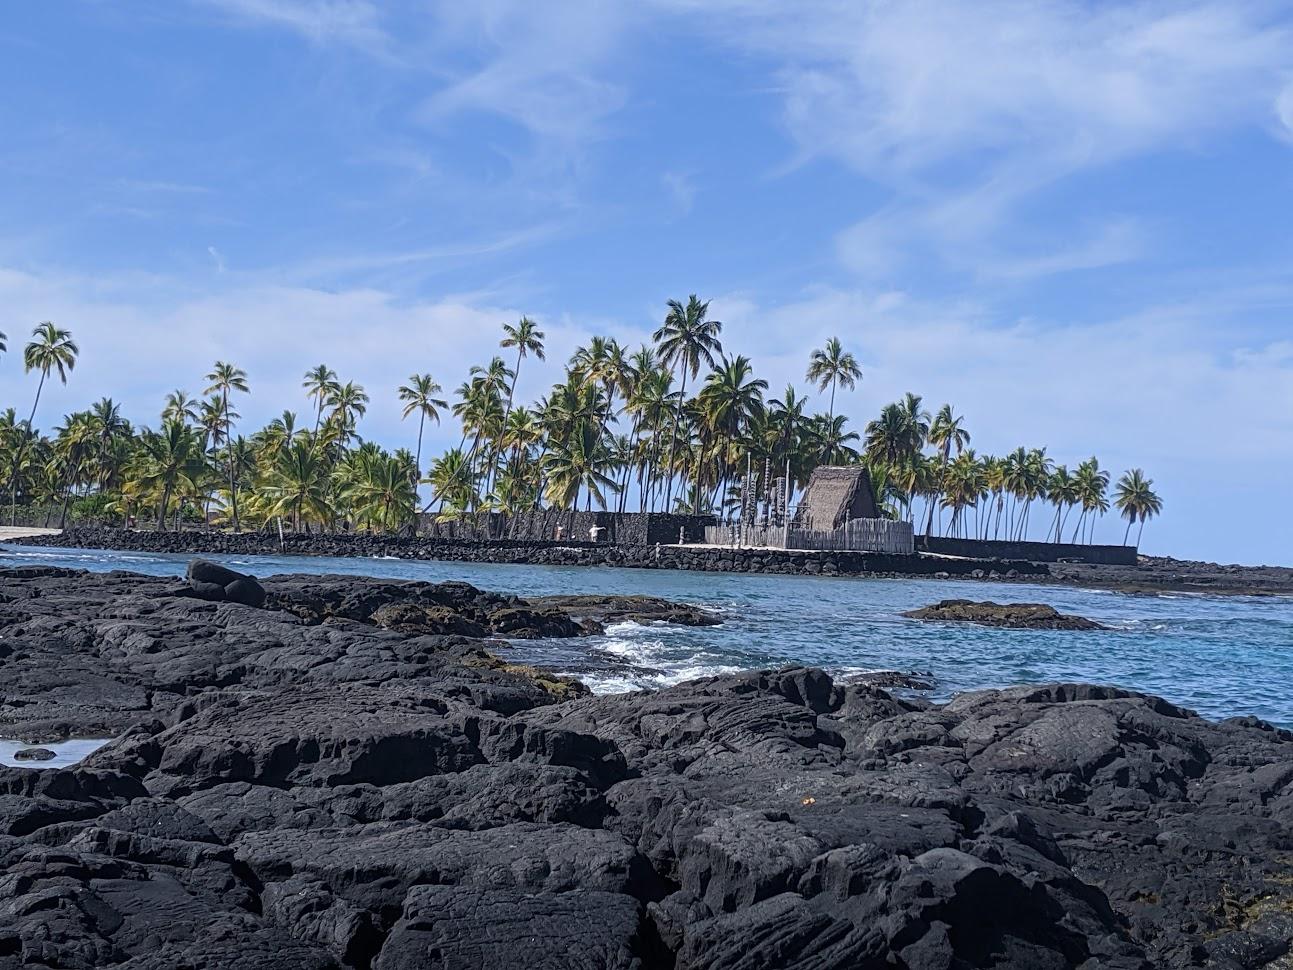 Очередные следы на песке 2 или путешествие на Гавайи с детьми в апреле Ковидной эпохи